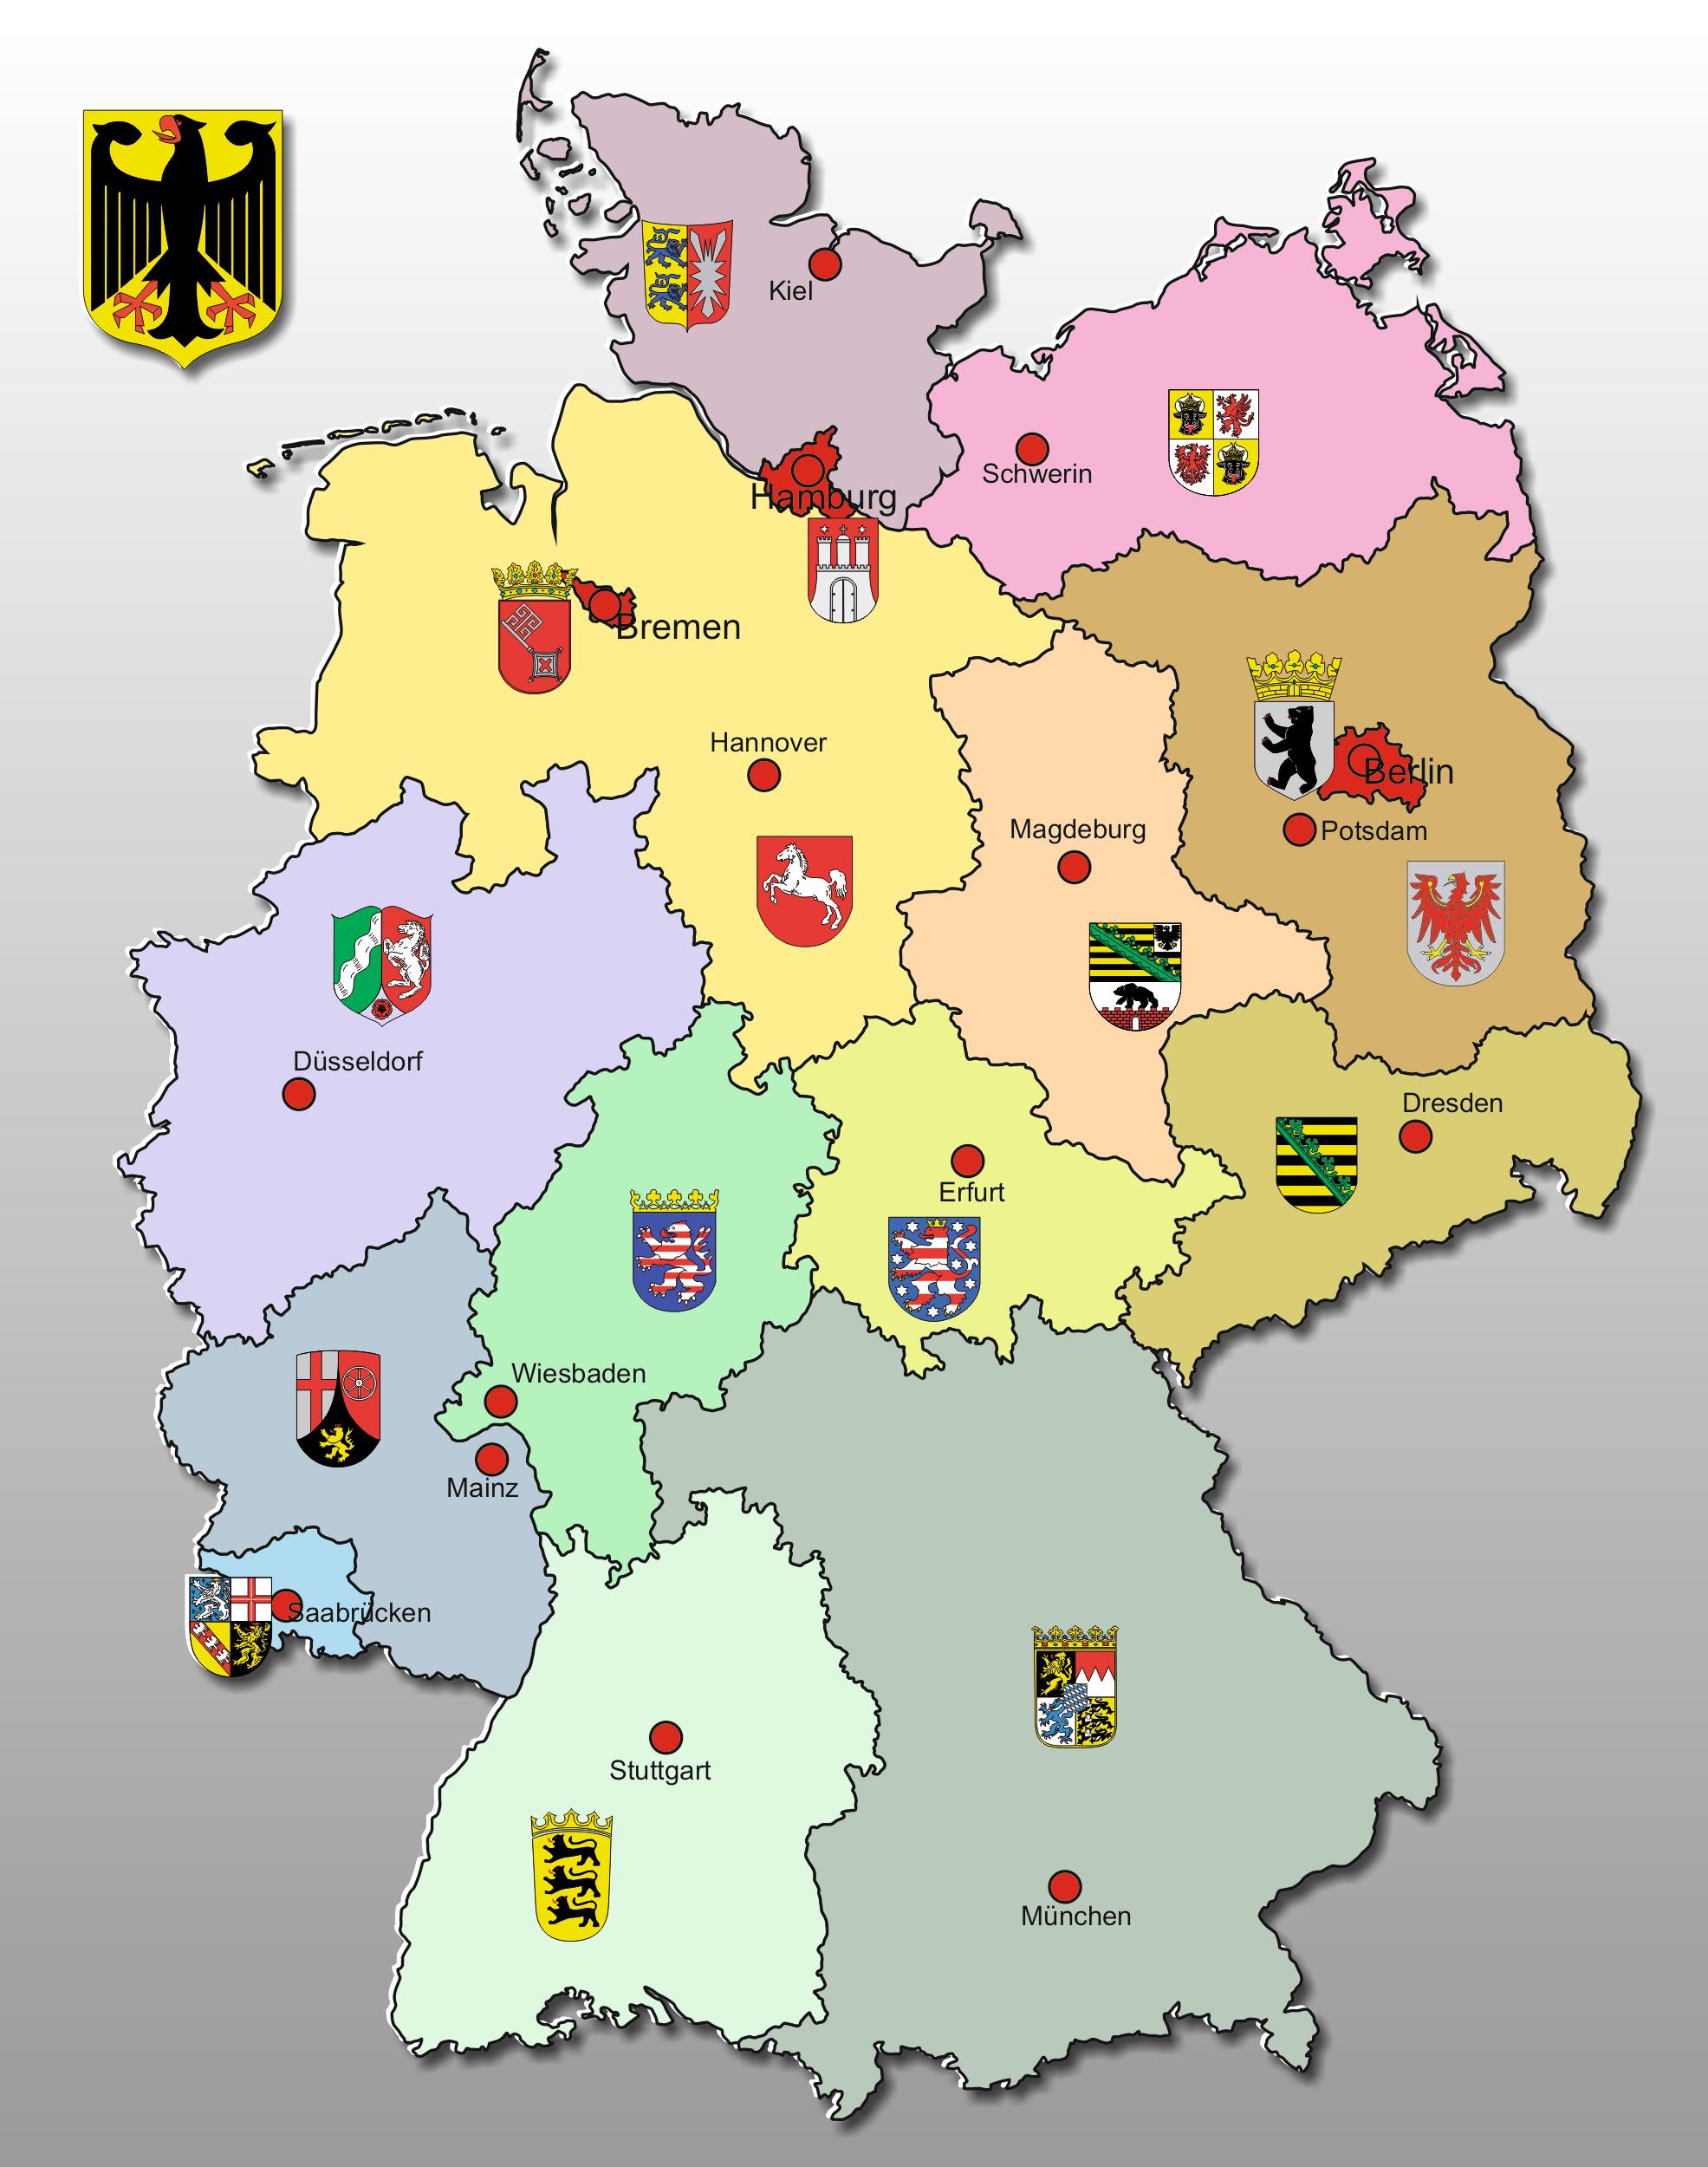 deutschland karte kostenlos Kostenlose Landkarten aller Länder der Welt